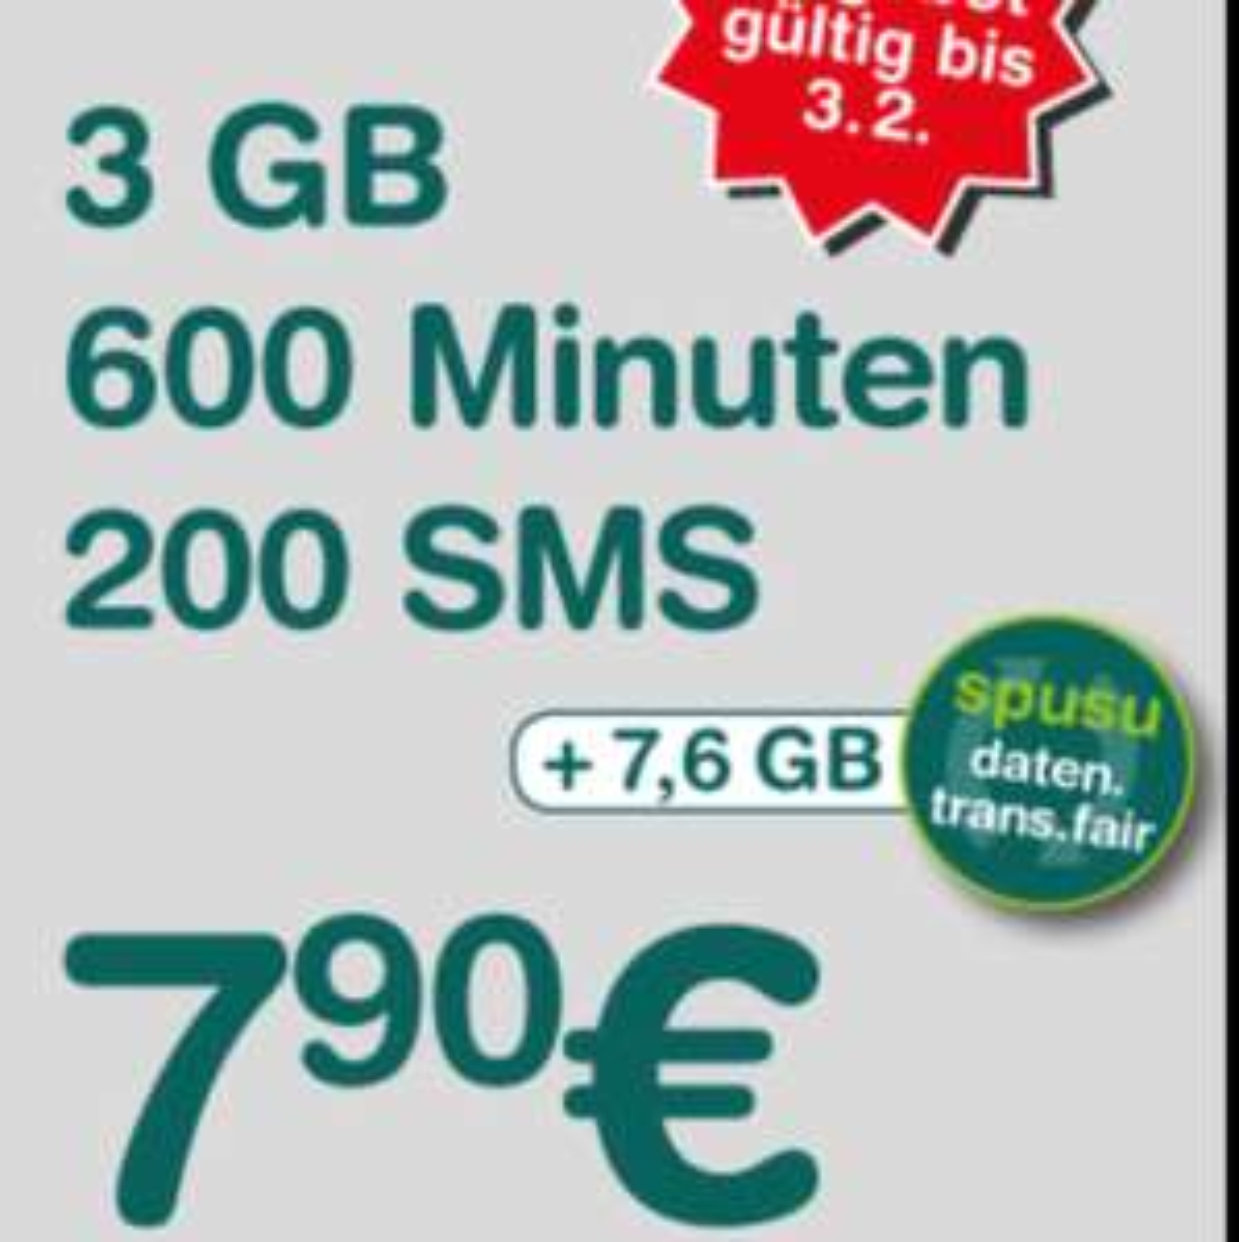 Spusu 3800 - 3Gb + 600 Minuten + 200 SMS für € 7,90